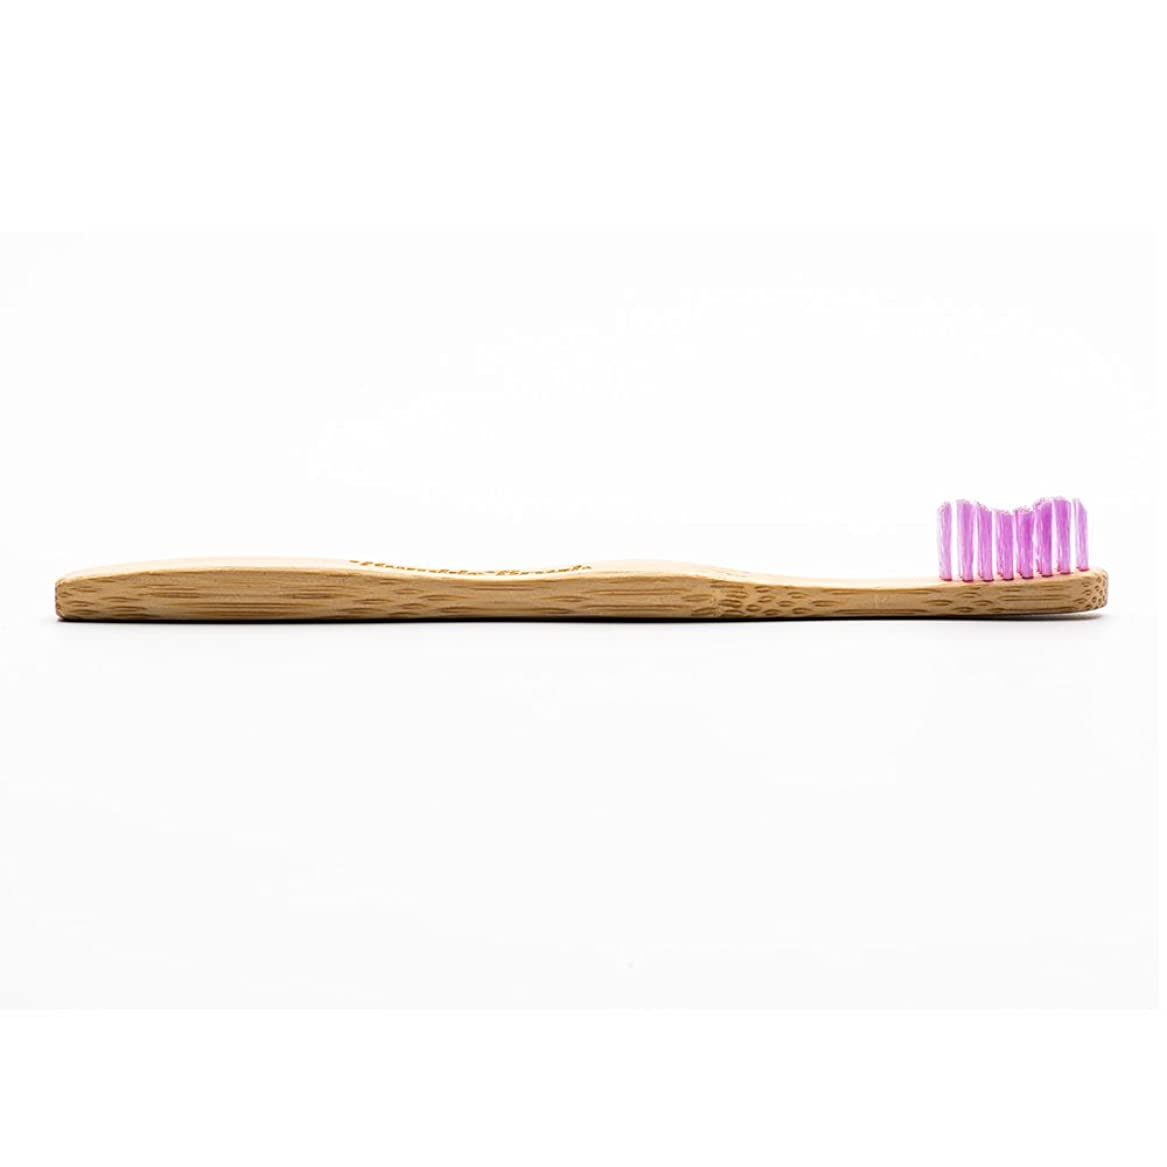 負荷グリップ廃棄するHUMBLE BRUSH(ハンブルブラッシュ) 歯ブラシ キッズ パープル